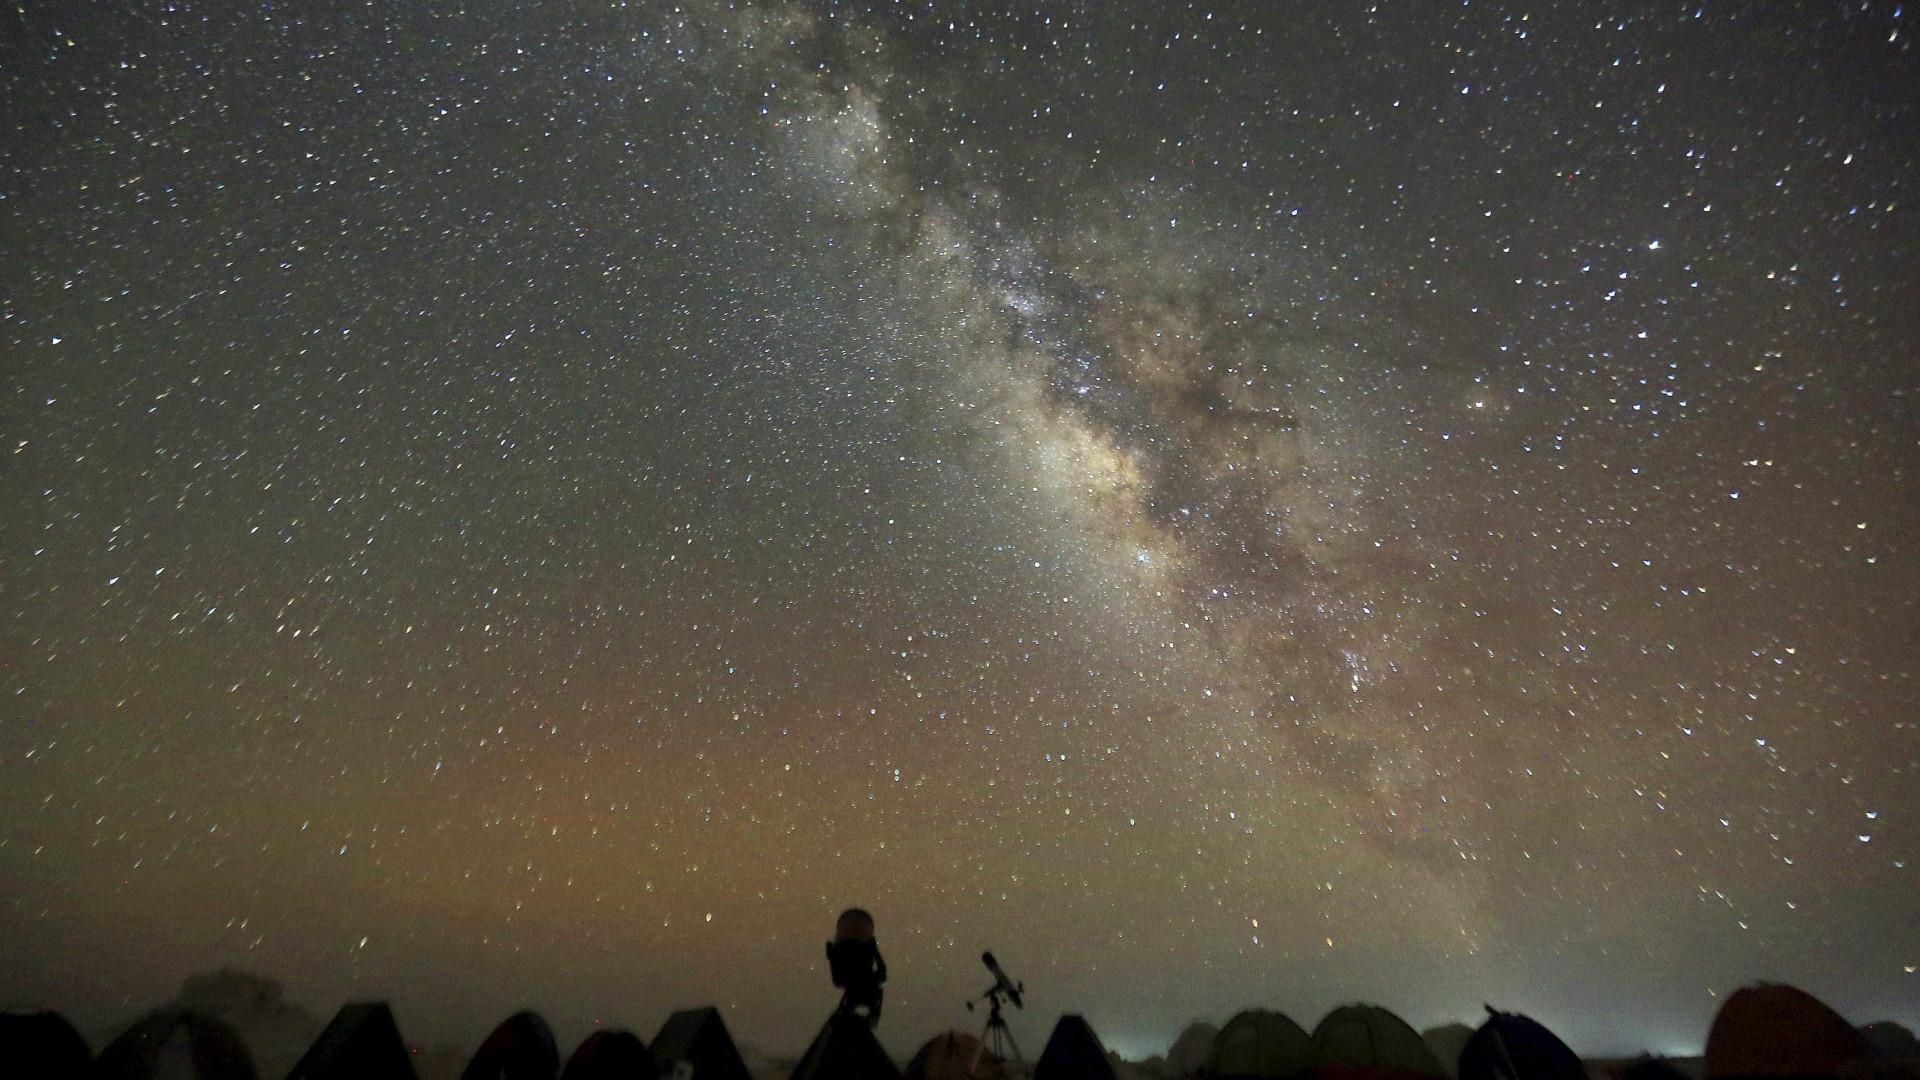 Astrônomo amador descobre nova estrela no dia de Natal